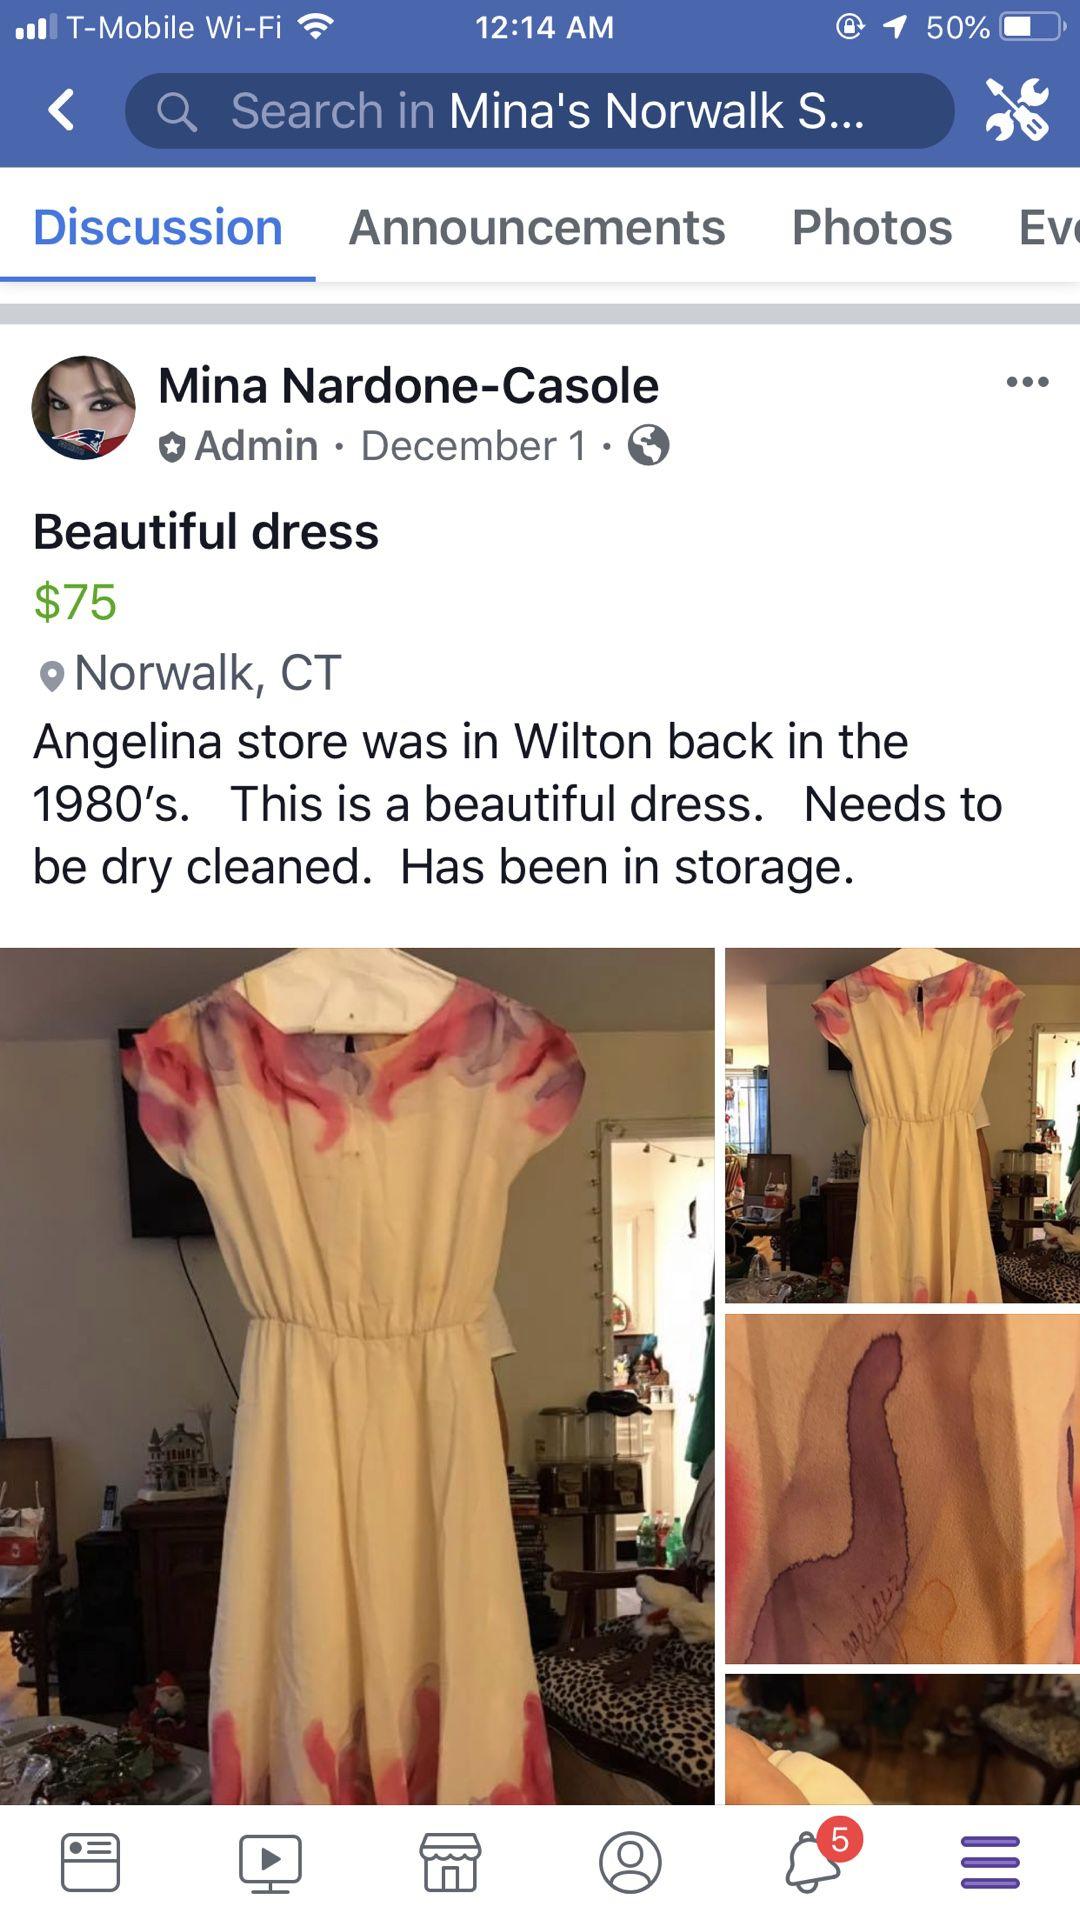 Beautiful dress.